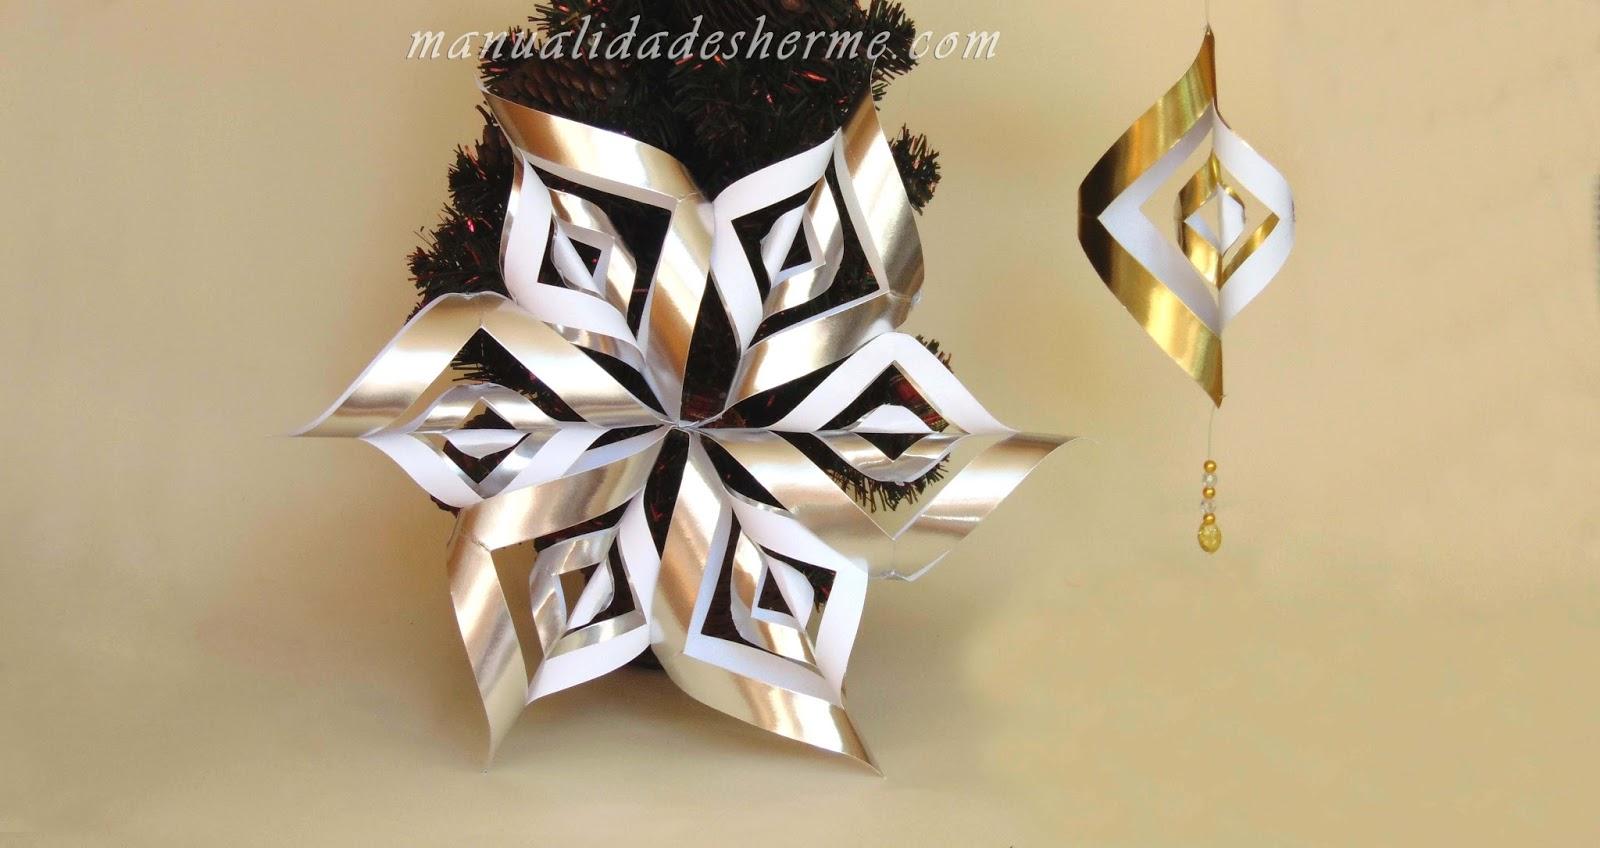 Manualidades herme como hacer una estrella twister para - Como hacer estrellas de navidad ...